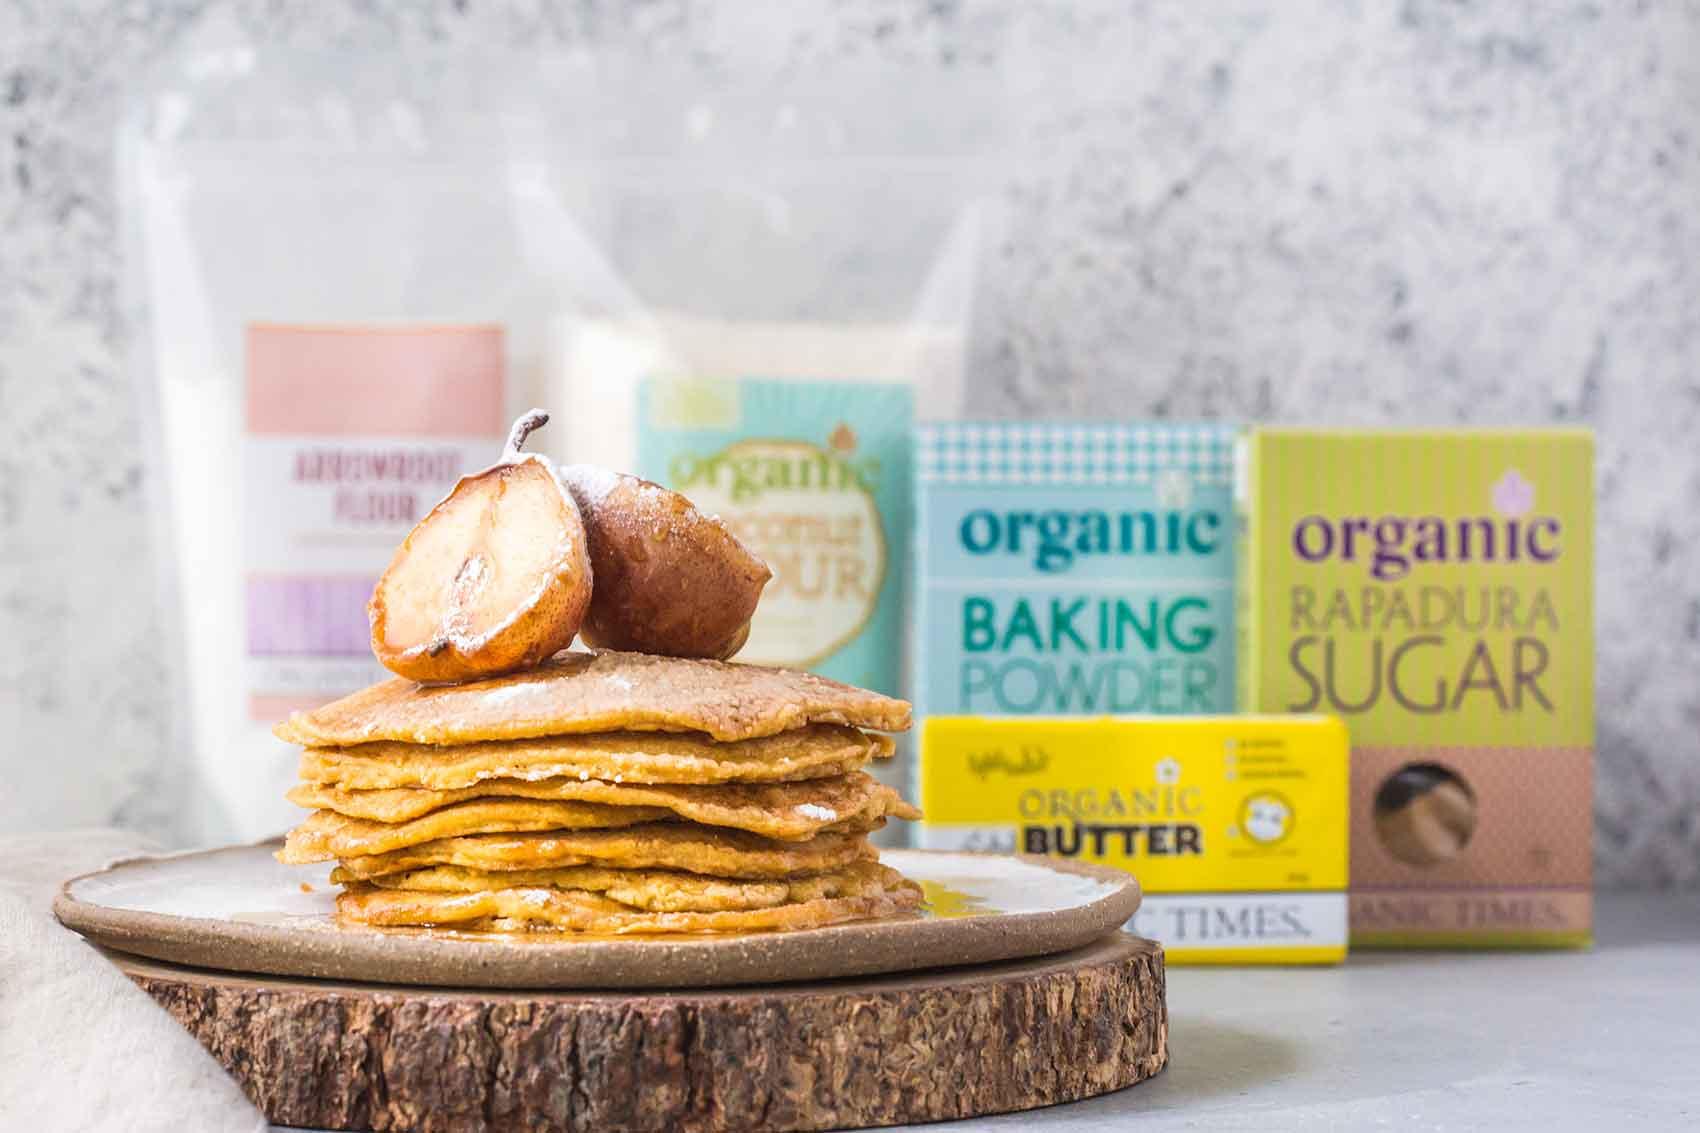 Organic Times pancakes recipes ingredients